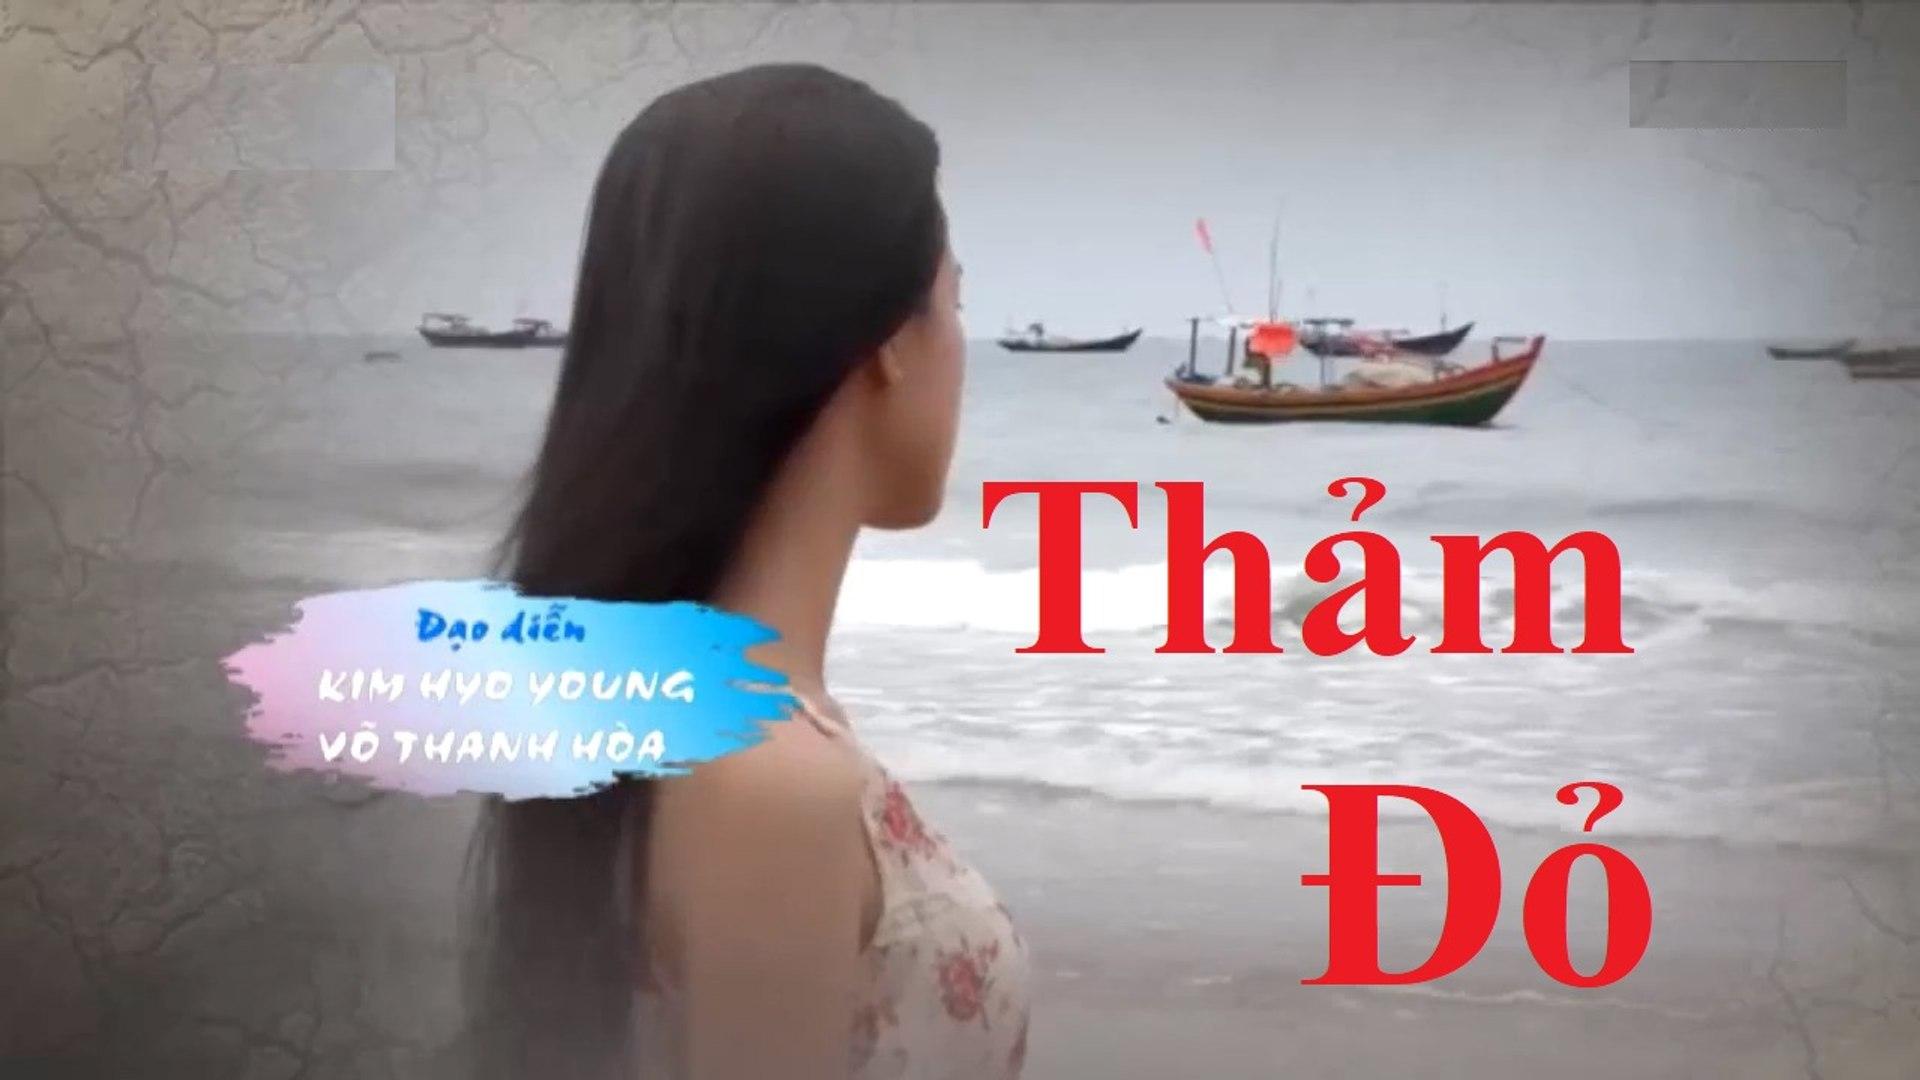 Phim truyện- Thảm đỏ - Tập 24 - Phim Việt Nam